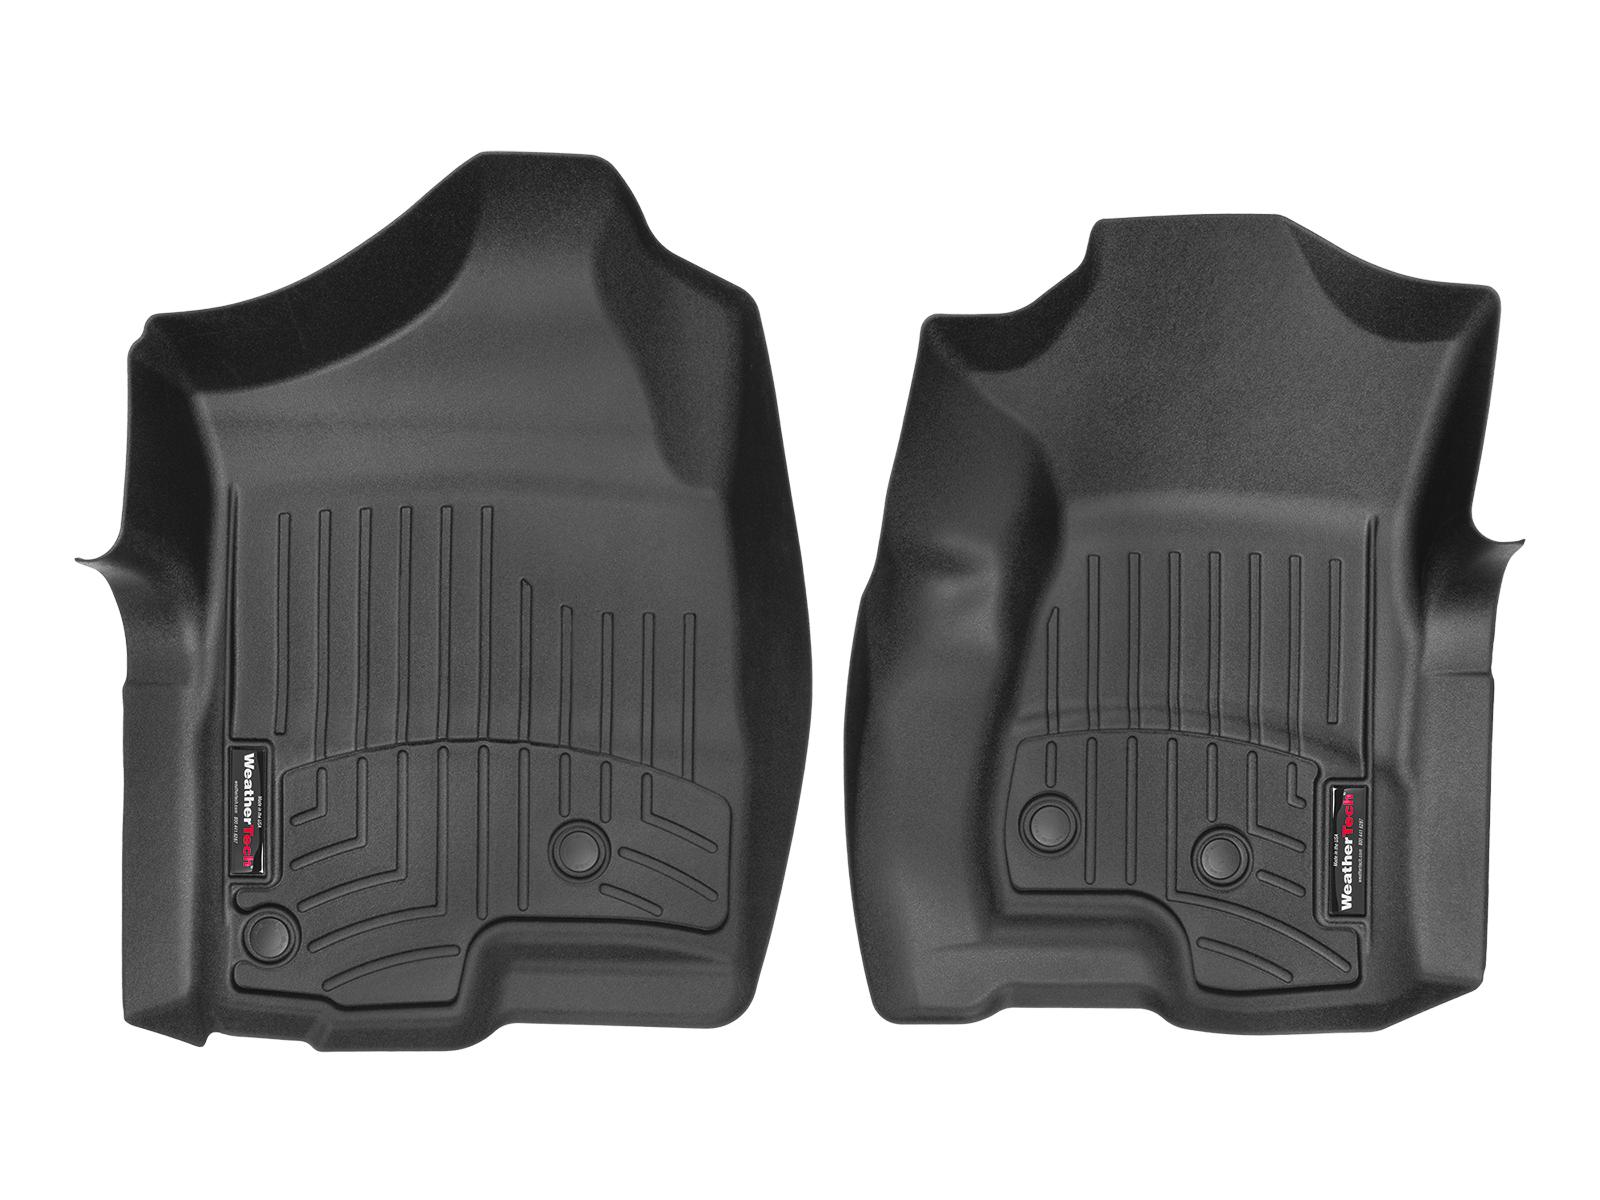 Tappeti gomma su misura bordo alto Chevrolet Silverado 07>07 Nero A168